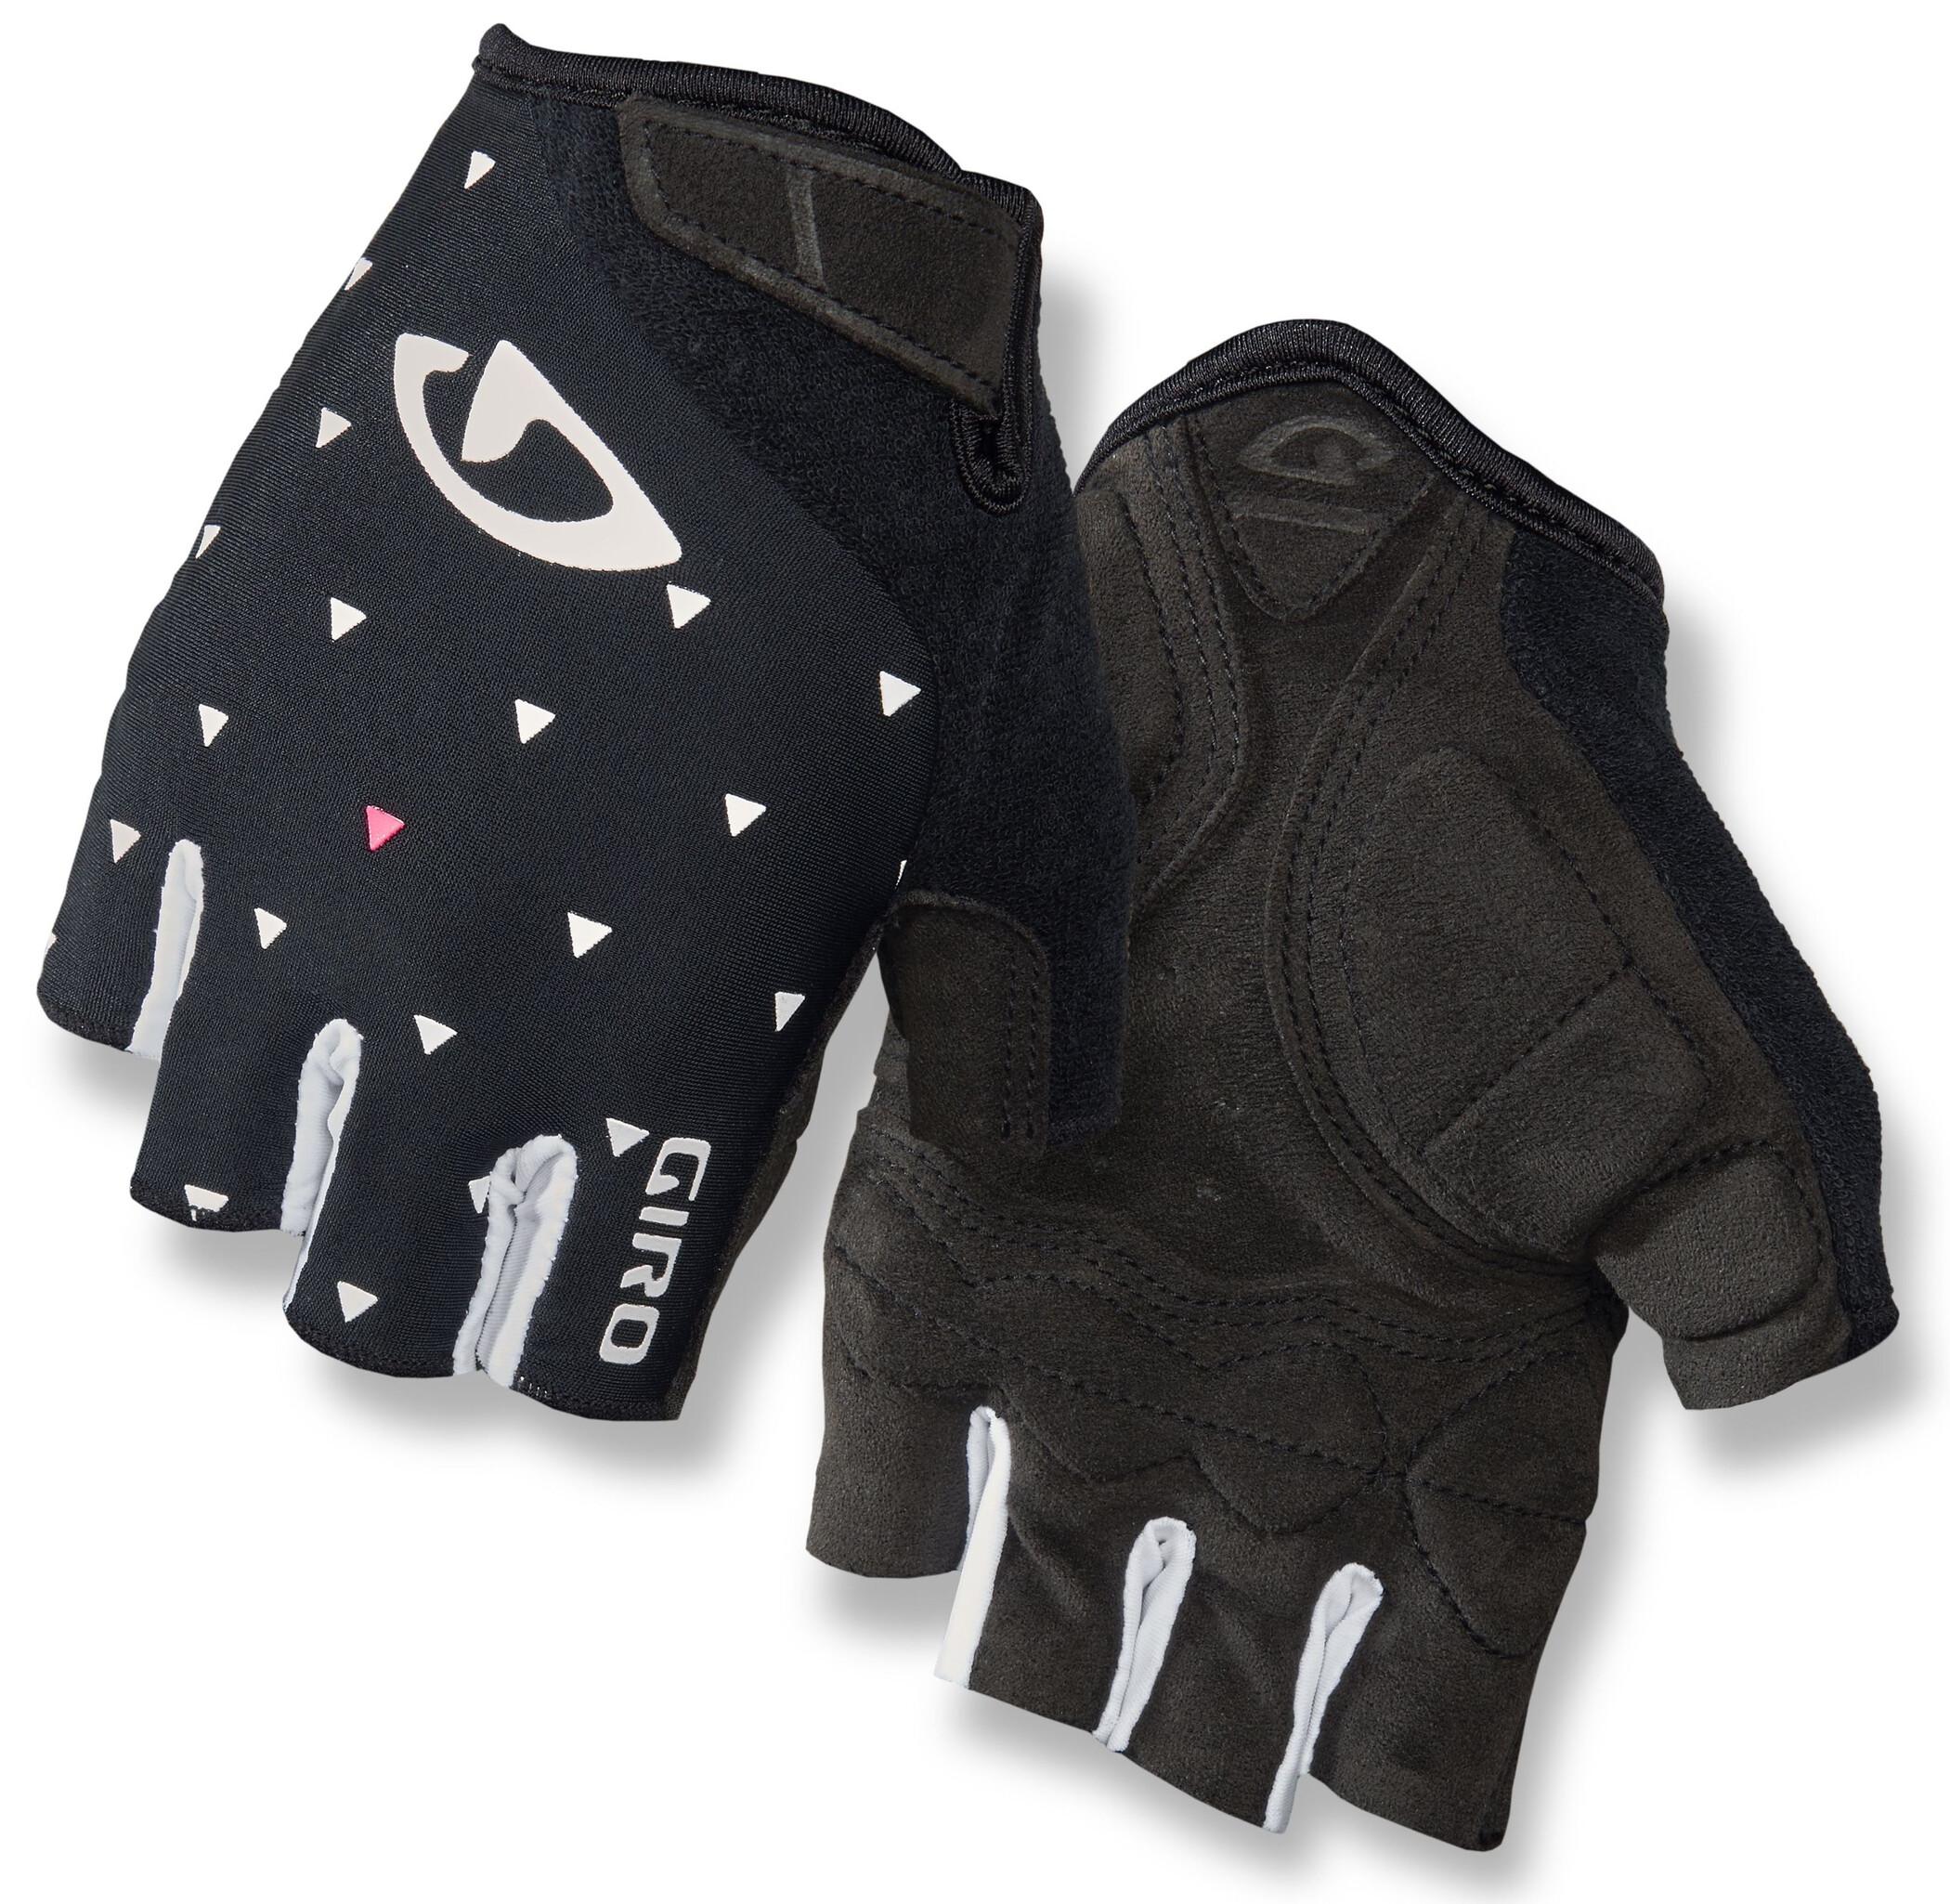 Giro Jag'ette Cykelhandsker Damer, black/shark tooth (2019)   Gloves